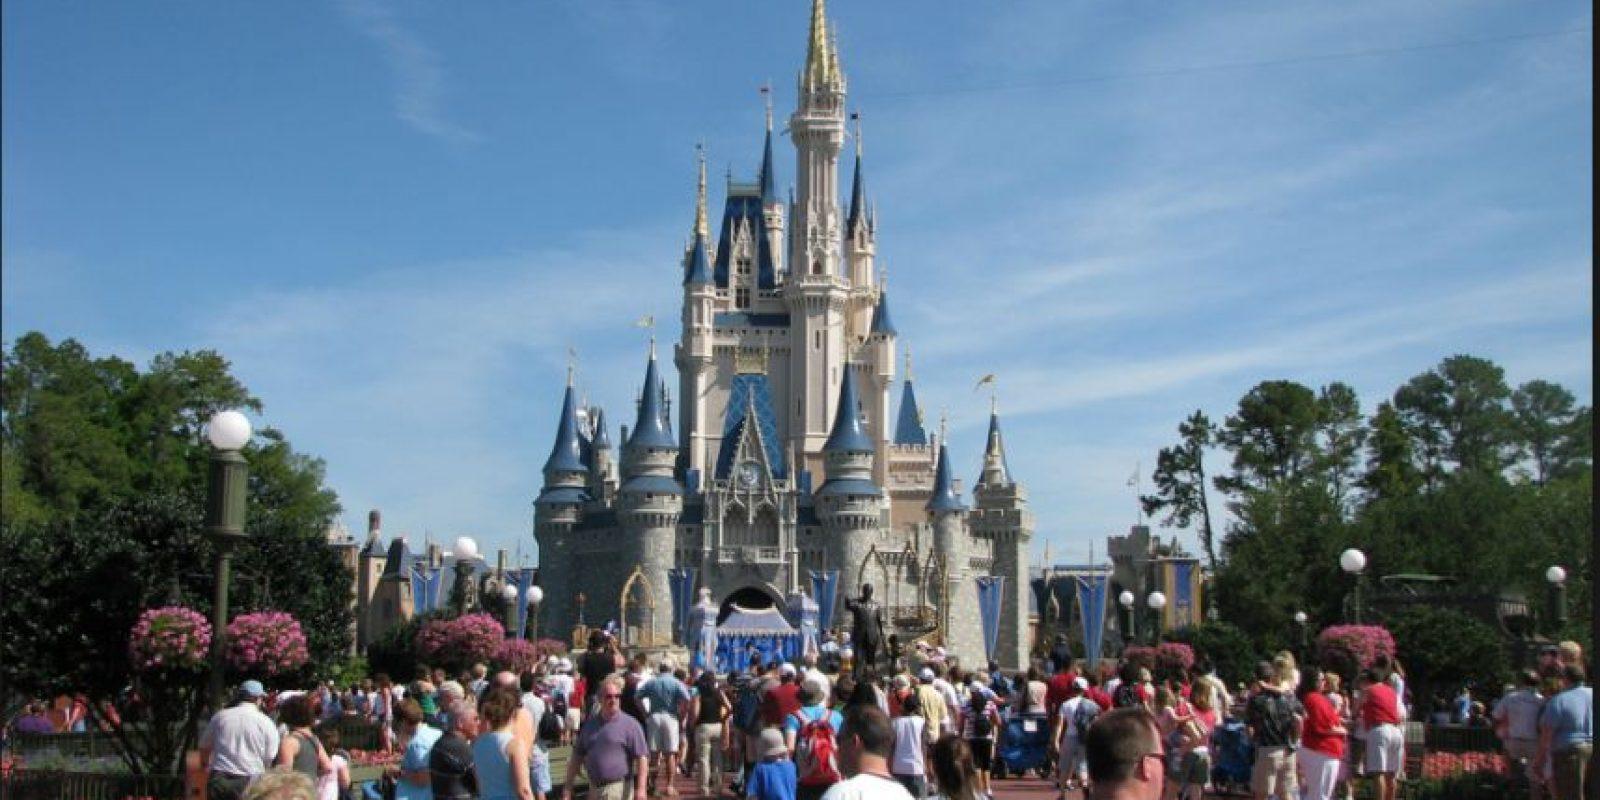 La Compañía Walt Disney fue fundada el 16 de octubre de 1923. Foto:Vía flickr.com